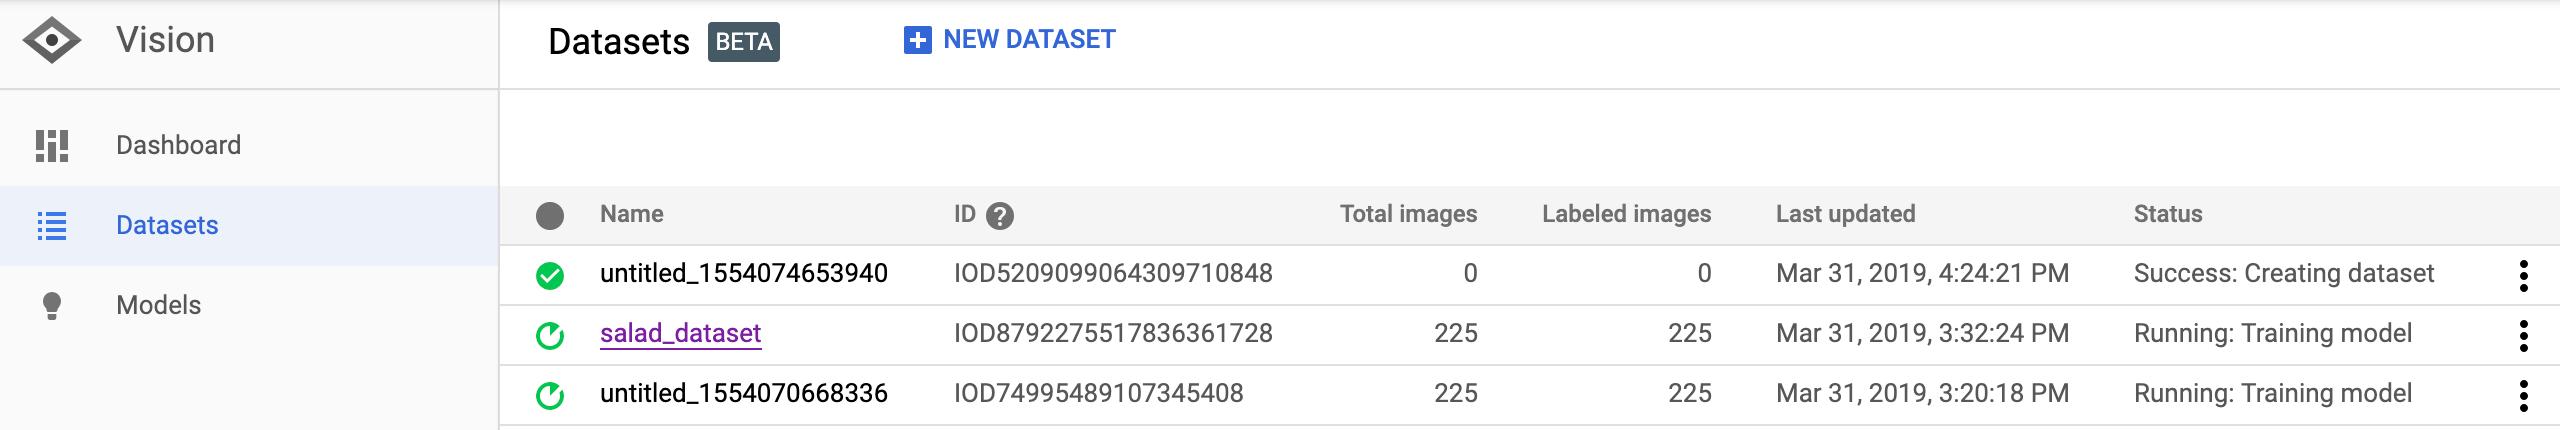 データセット画像の一覧